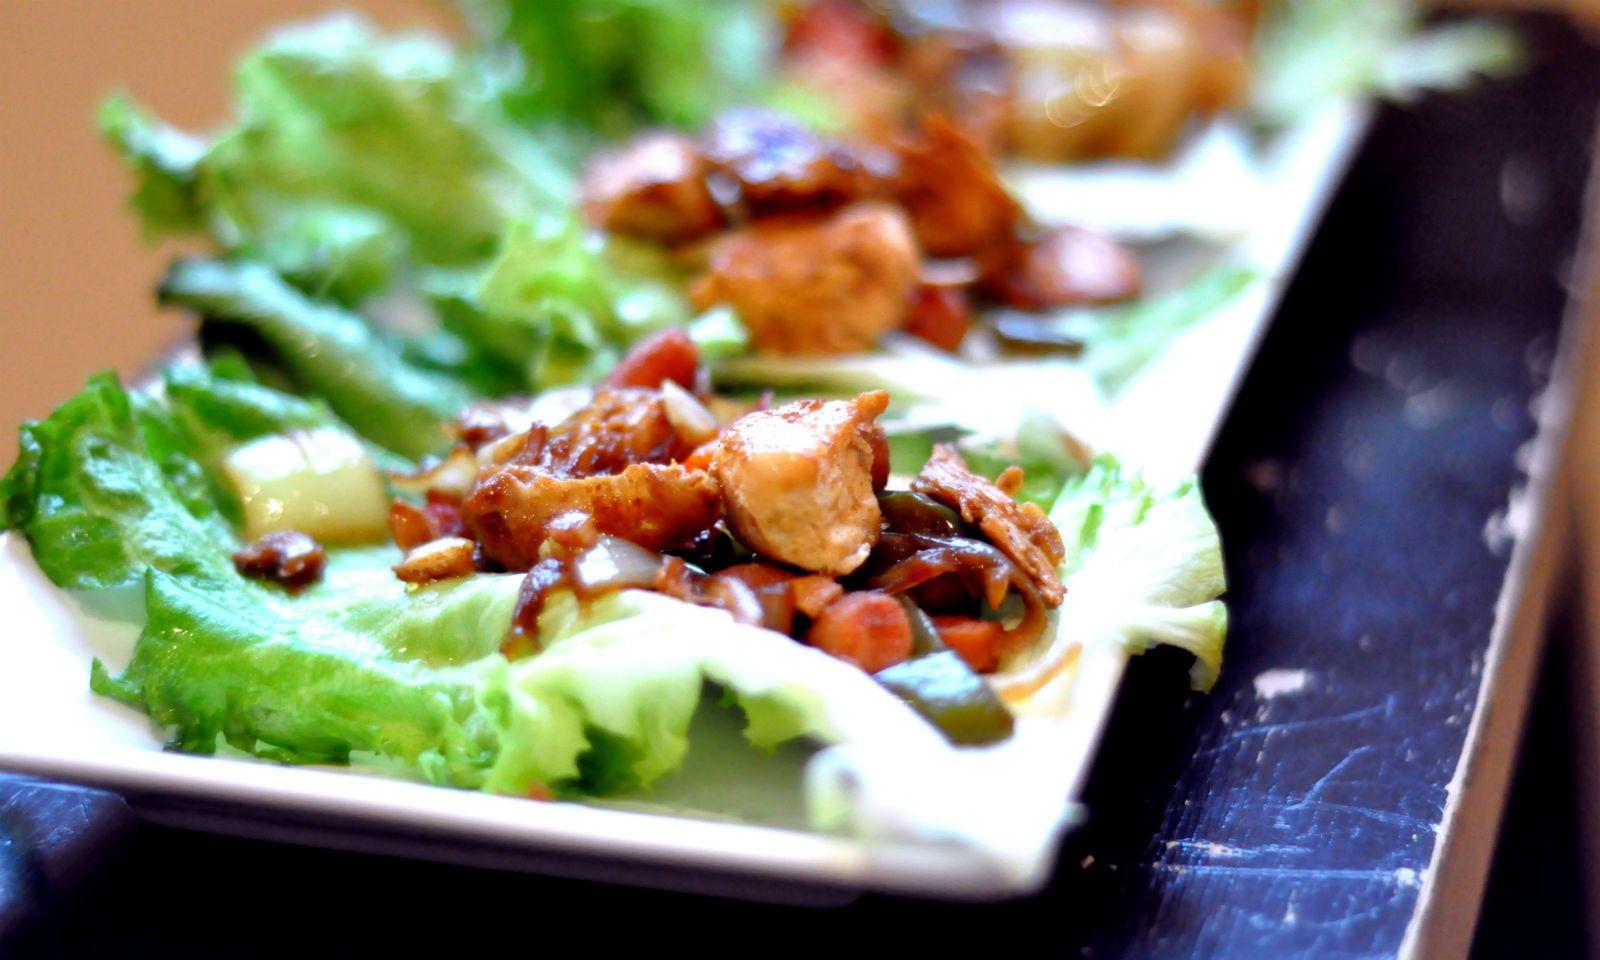 tacos de pescado al pastor   Cocina   Pinterest   Tacos de pescado ...